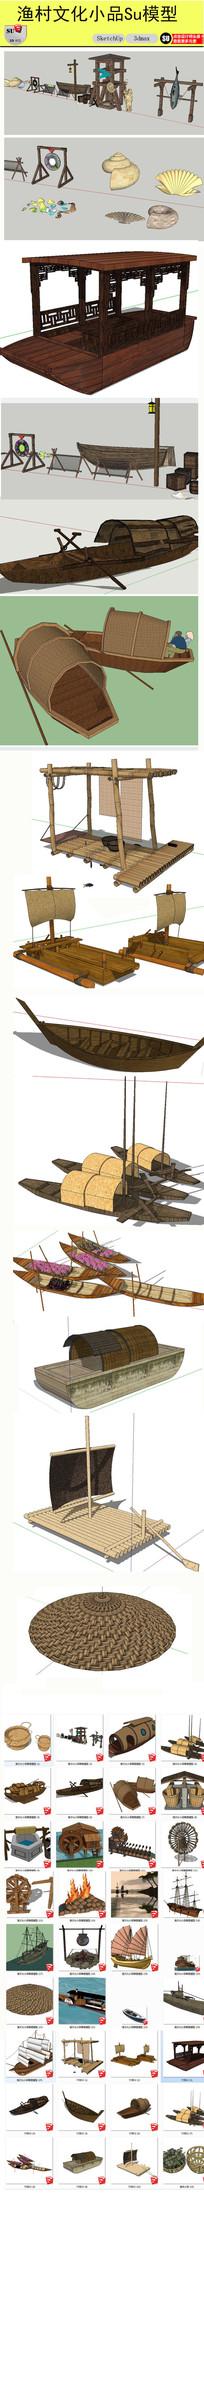 江南水乡渔文化小品乌篷船模型 skp